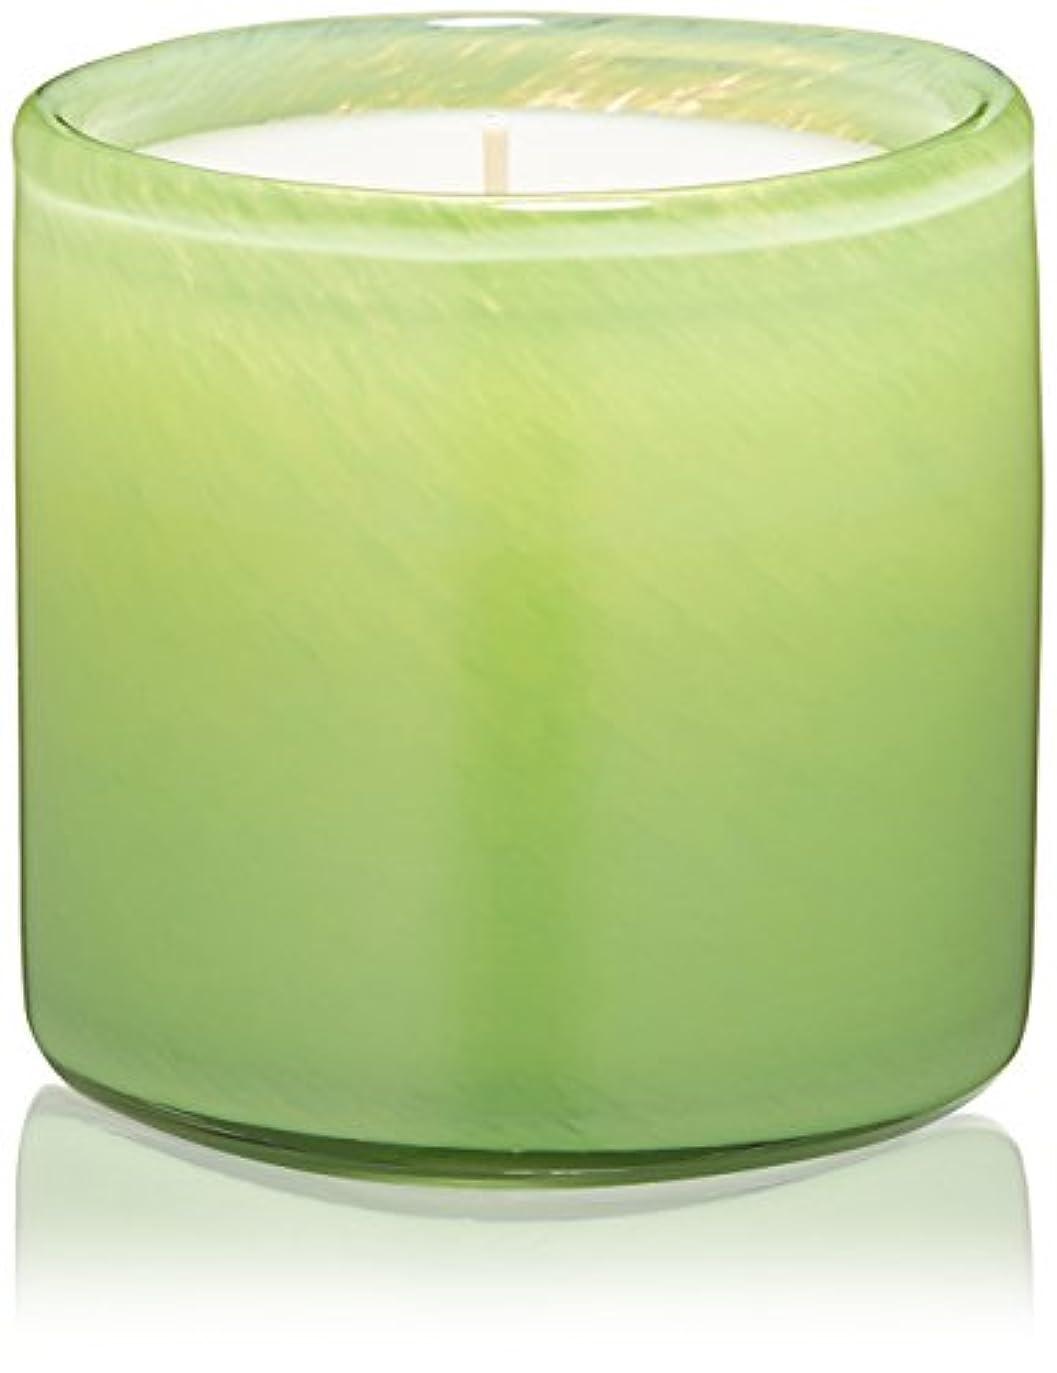 敬の念カリキュラムすべてLafcoミントハーブティー/瞑想部屋candle-6.5 Oz